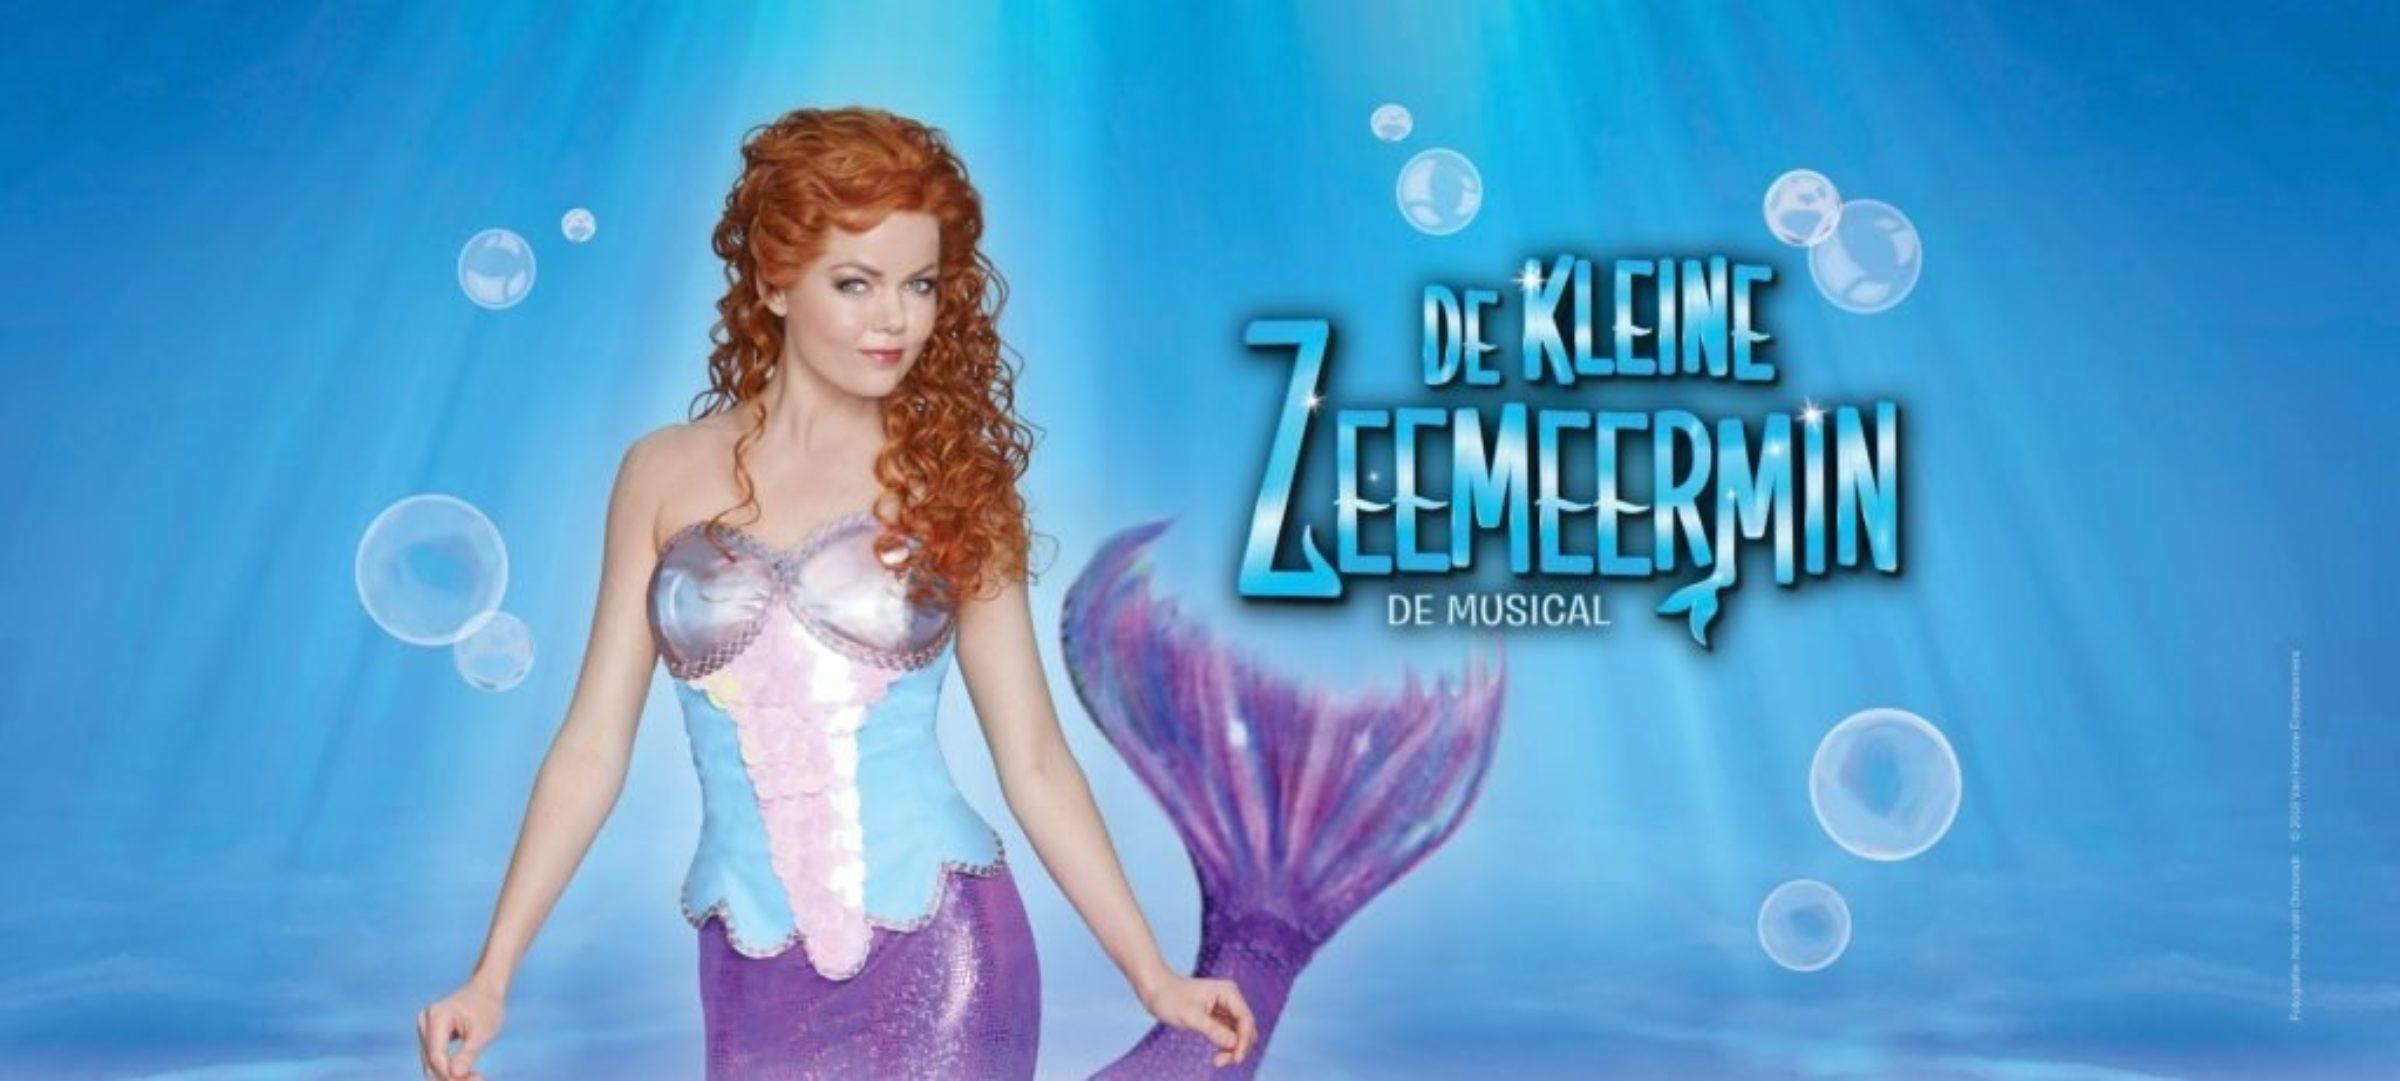 De Kleine Zeemeermin 2381 1551866406 35hxe96t6f